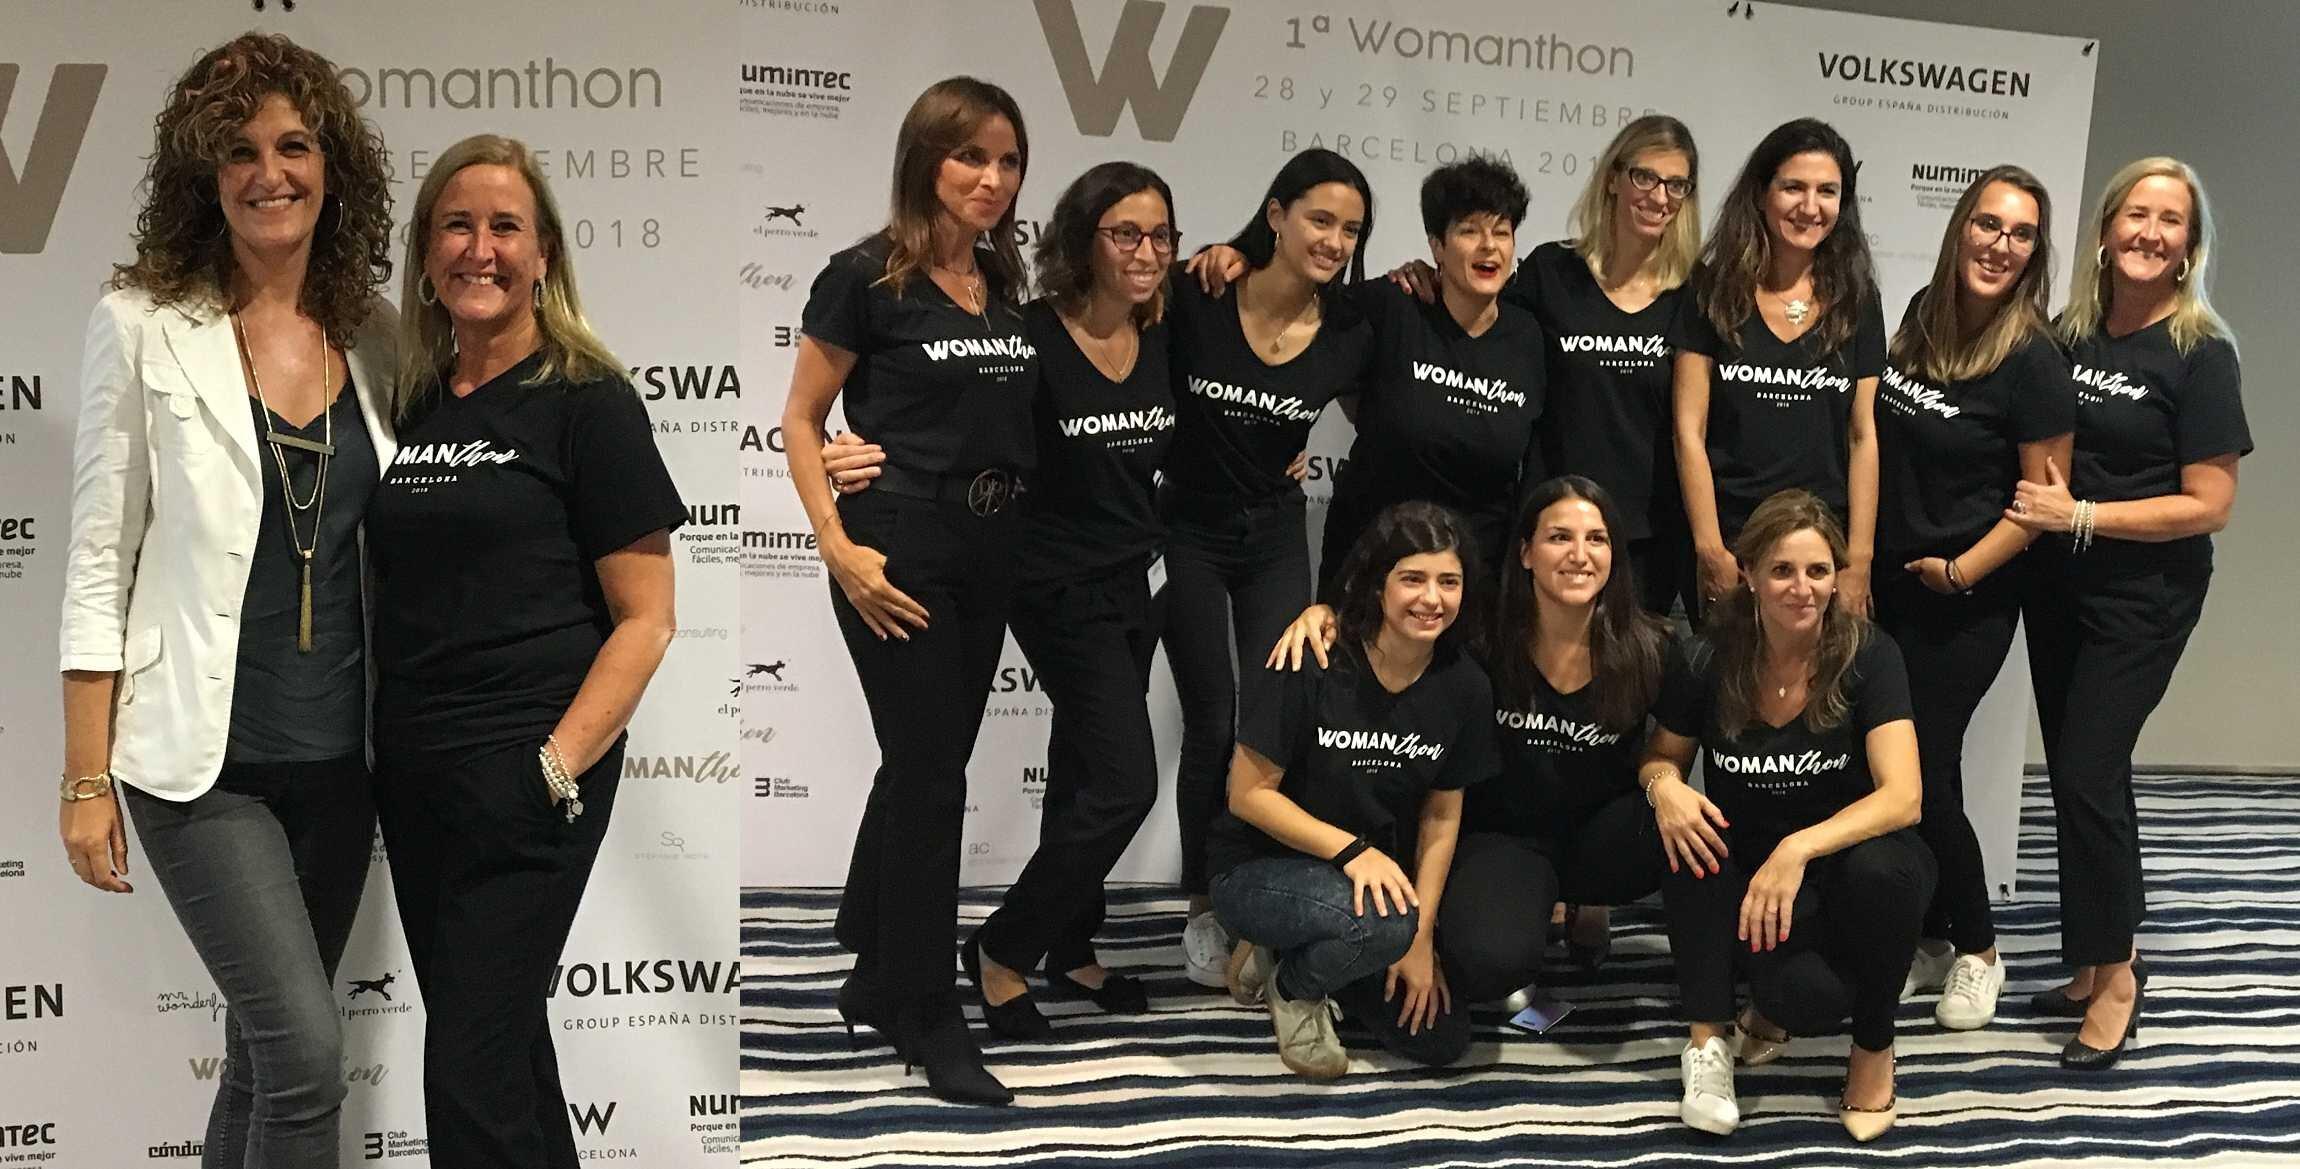 Womanthon 2018, con Lourdes como mentora de un workshop muy enriquecedor, dentro de unas jornadas dedicadas a la mujer empresaria y profesional.